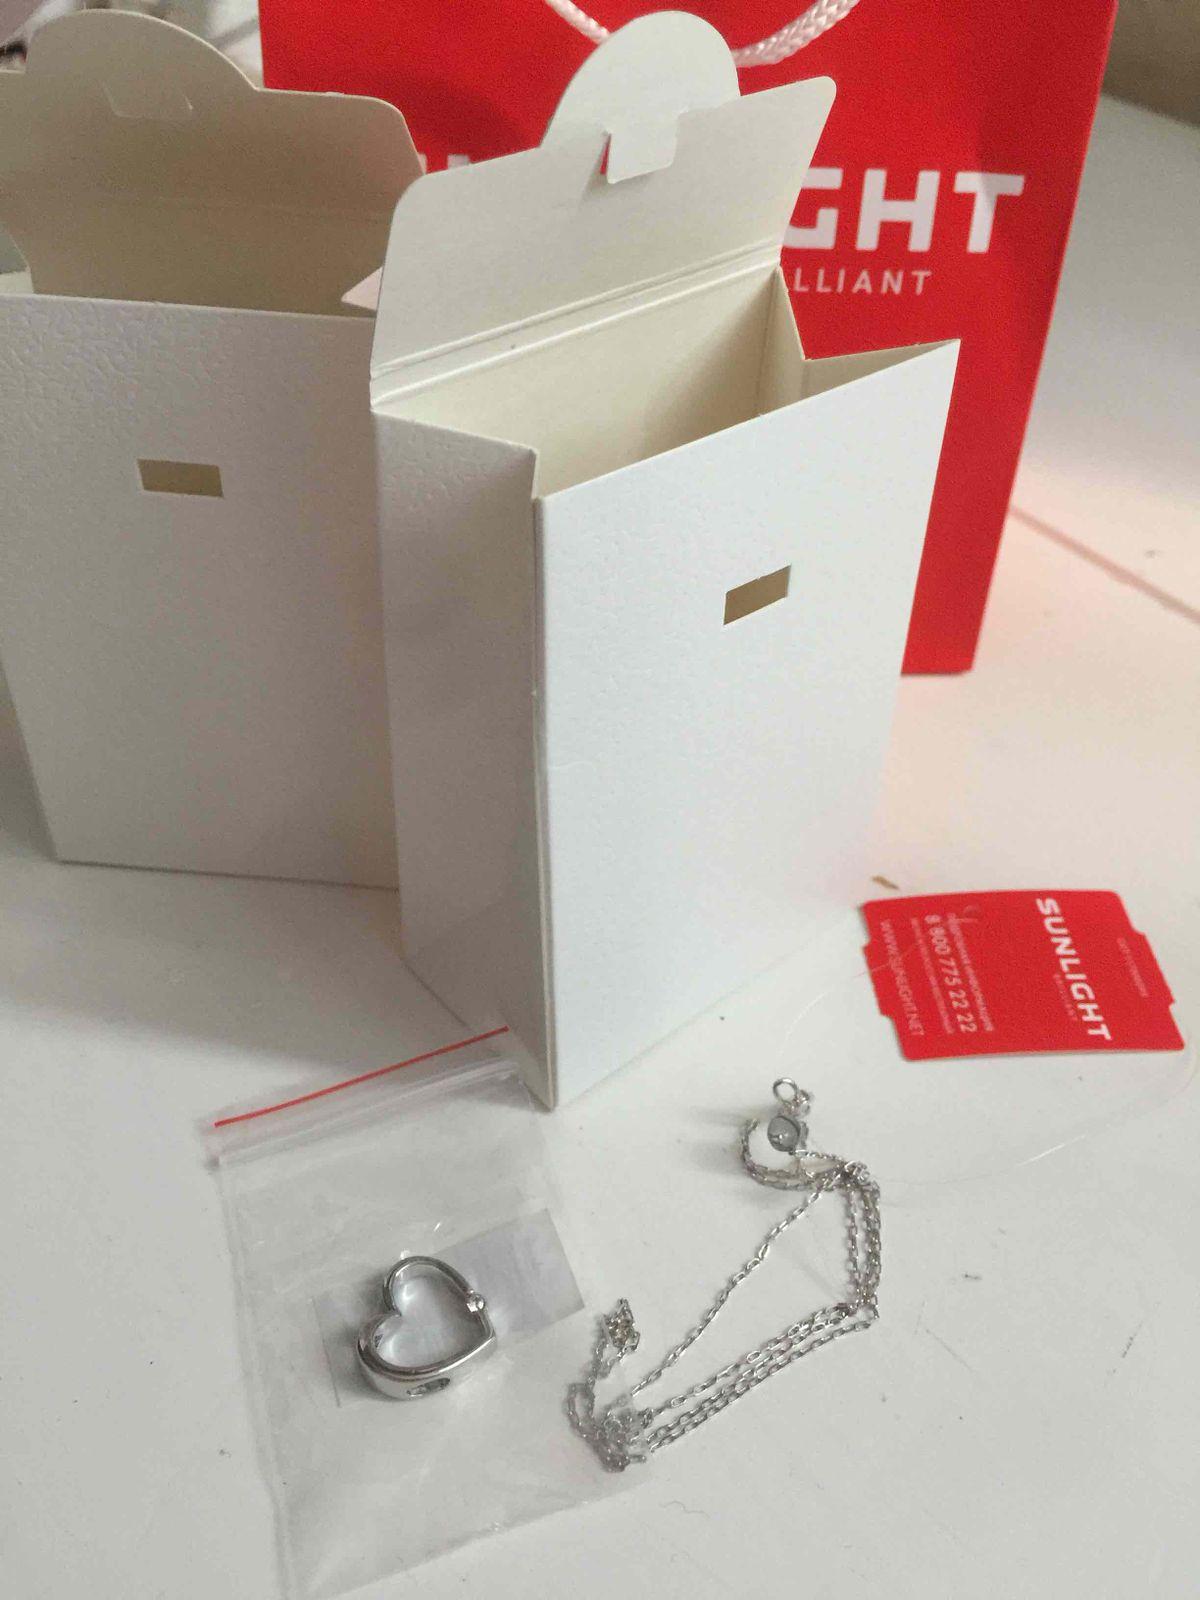 Нежная, но крепкая цепочка из серебра, купленна мной пр невороятной скидке!